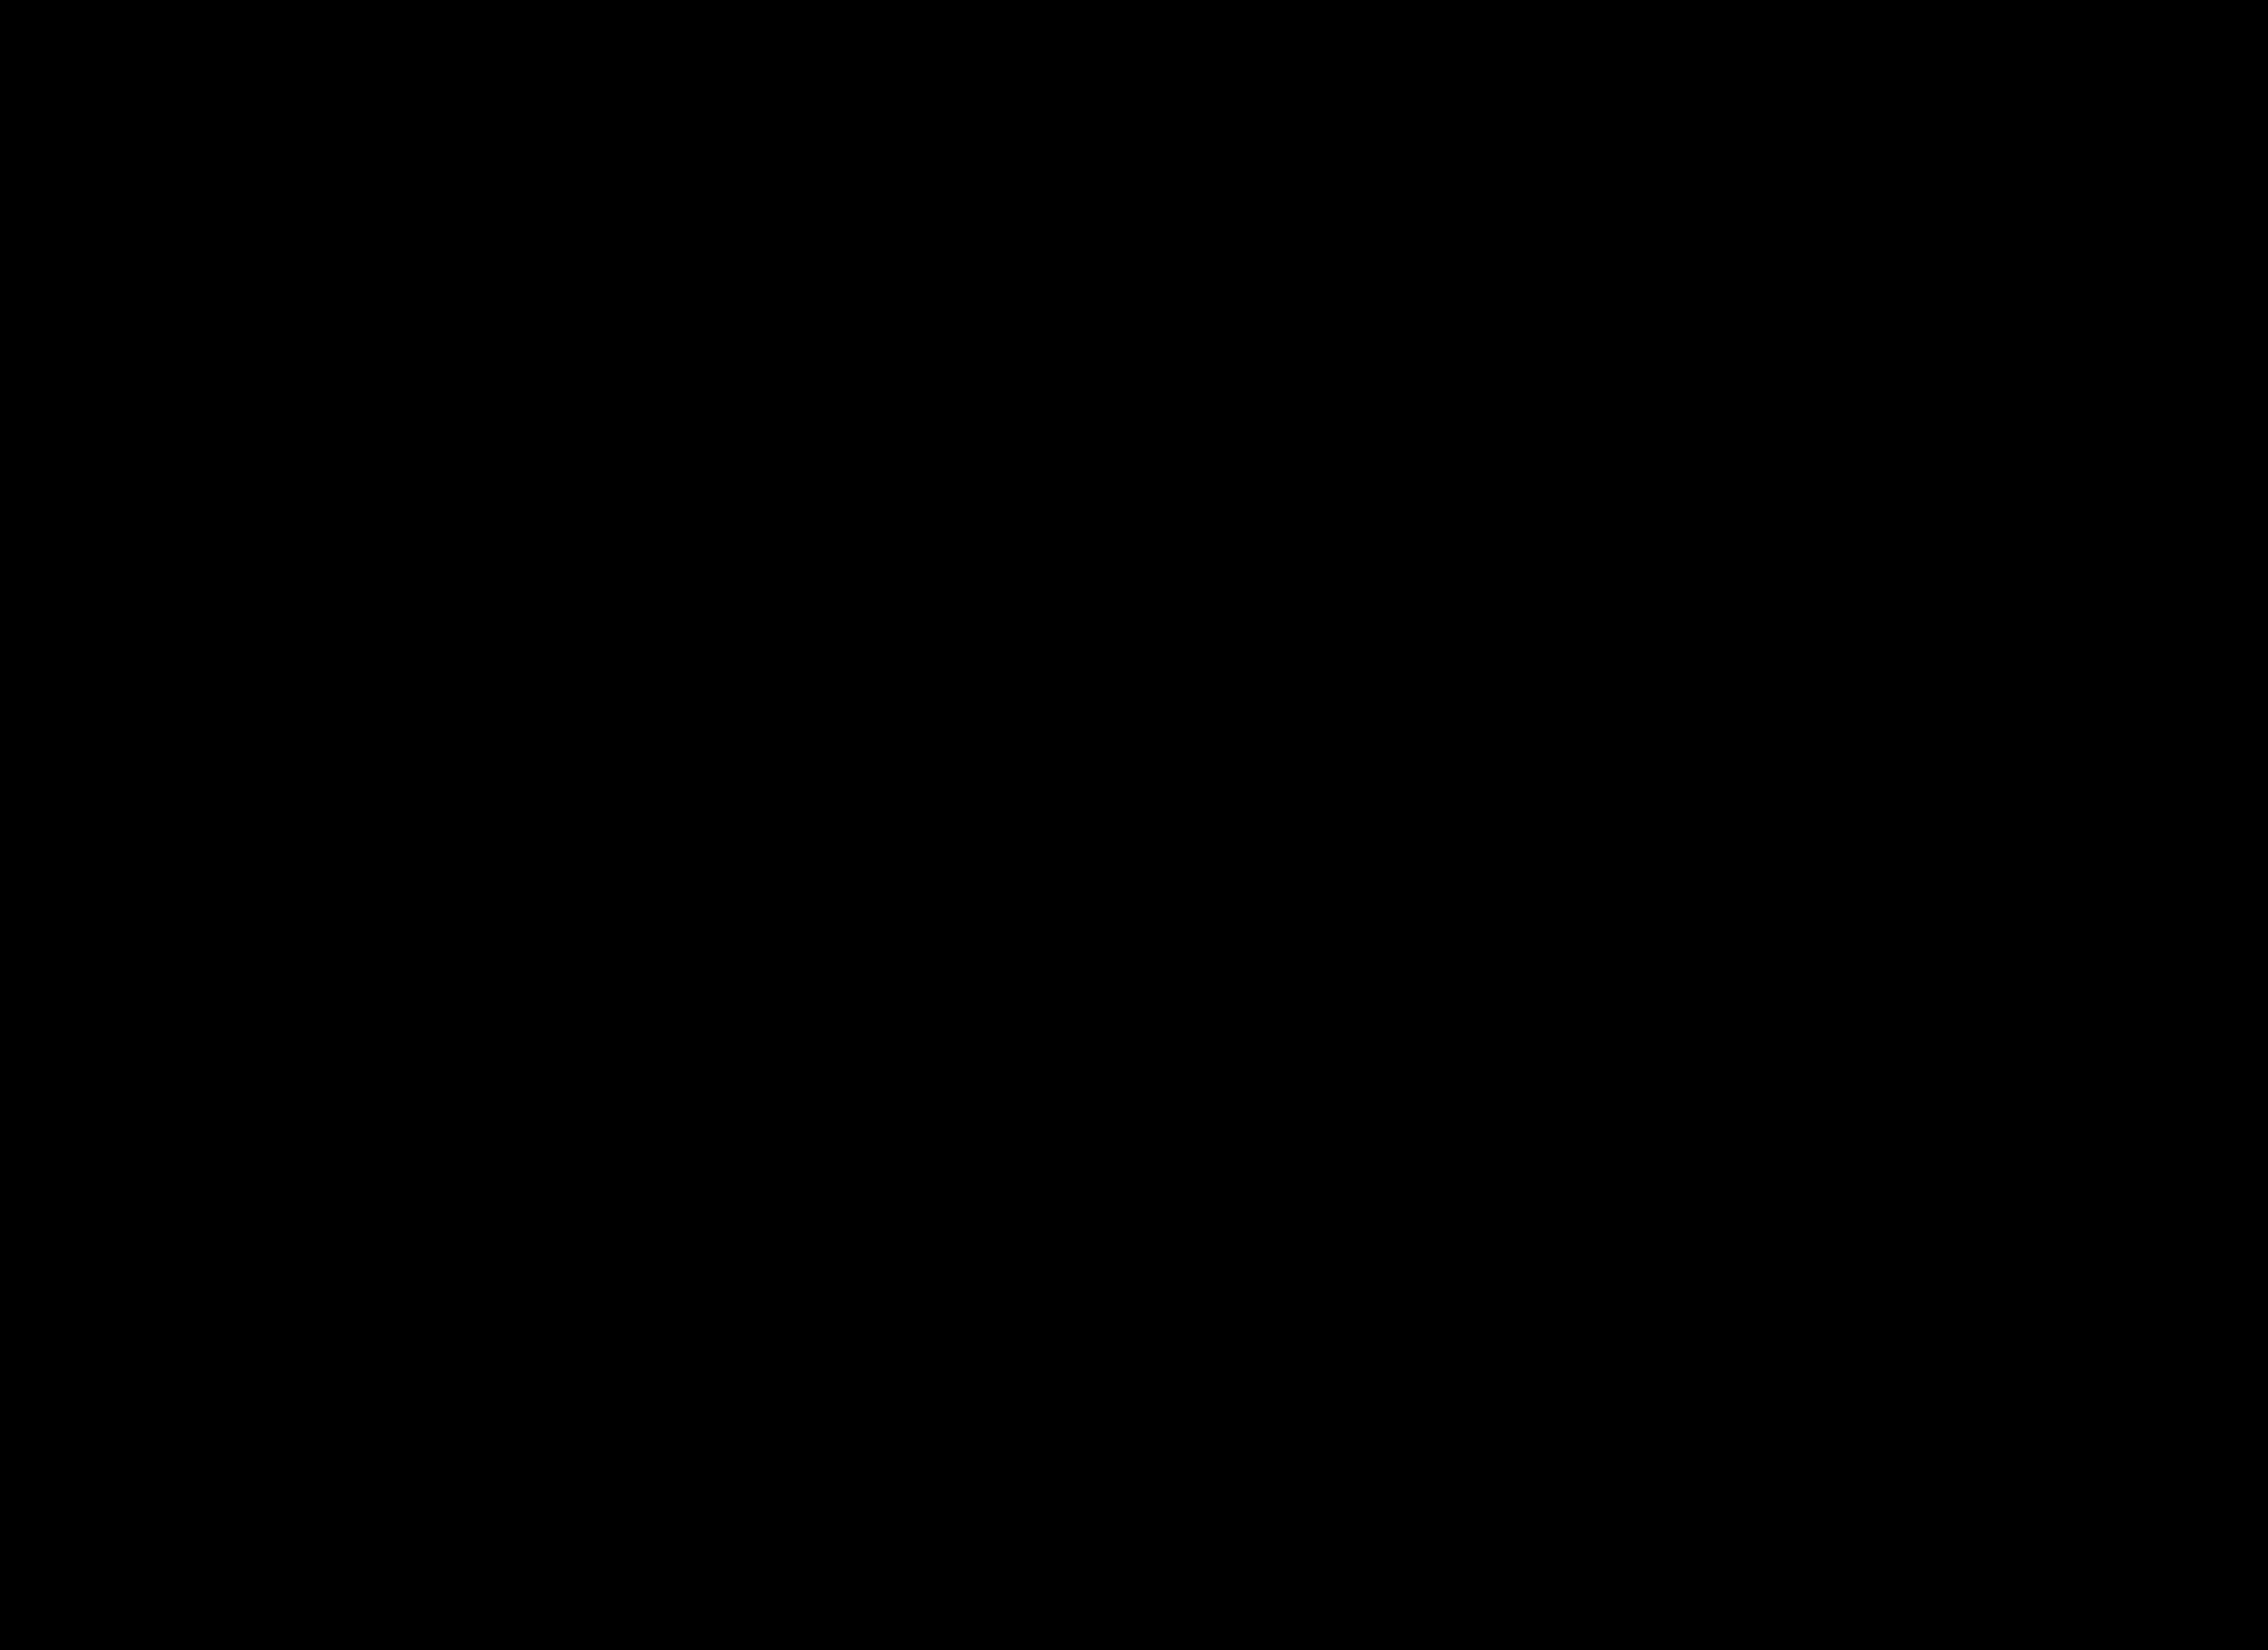 Pagina uit Ameide Bevolkingsregister 1880-1900